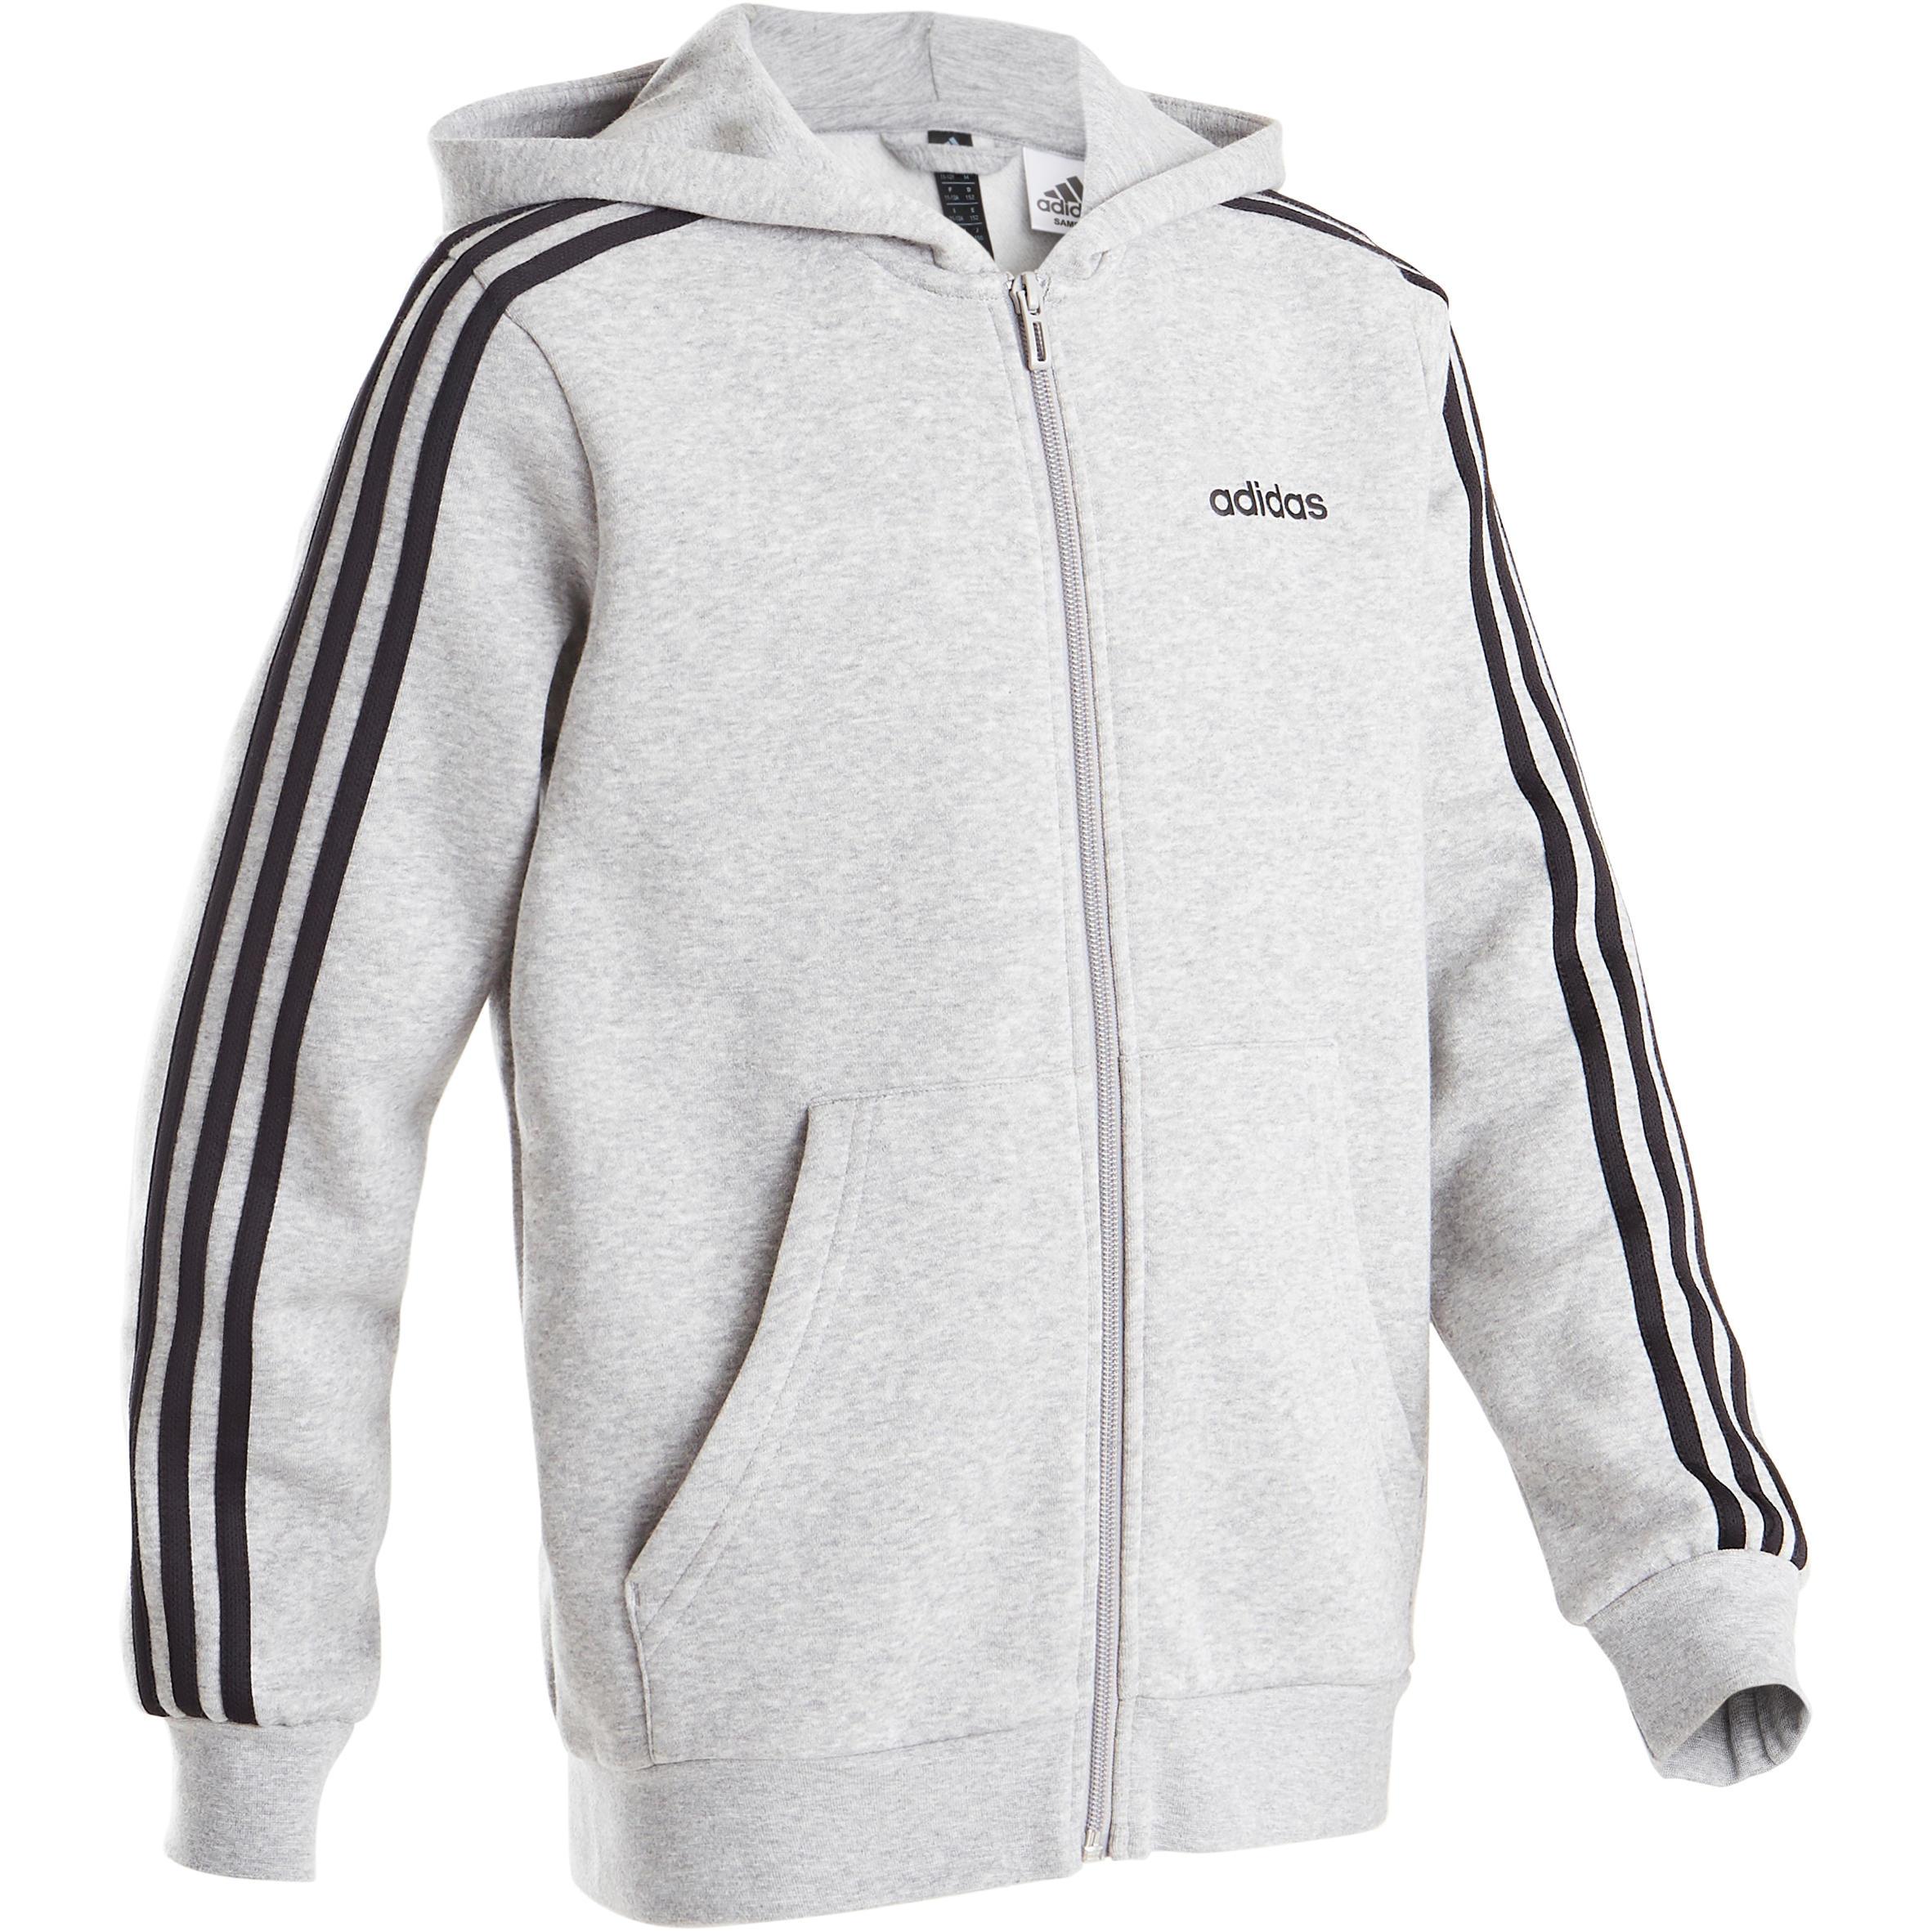 adidas veste grise